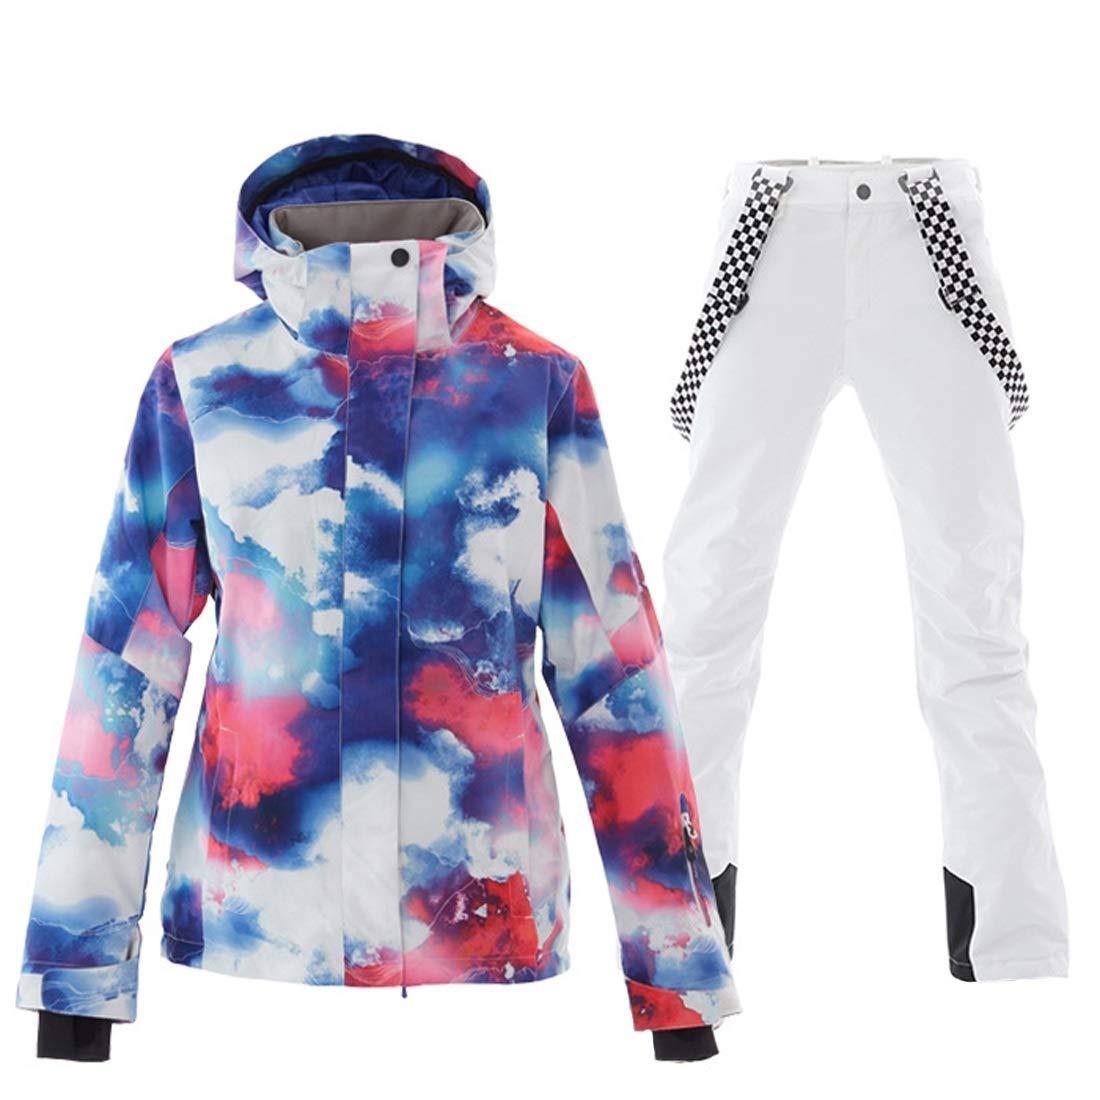 女性のスキージャケット防水 女性の防水スキージャケット暖かい冬の雪のコートマウンテンウインドブレーカーフード付きレインコート通気性のカラフルなプリントアウトドアウェア レディース冬の雪のジャケットレインコート (色 : ホワイト, サイズ : L) ホワイト Large